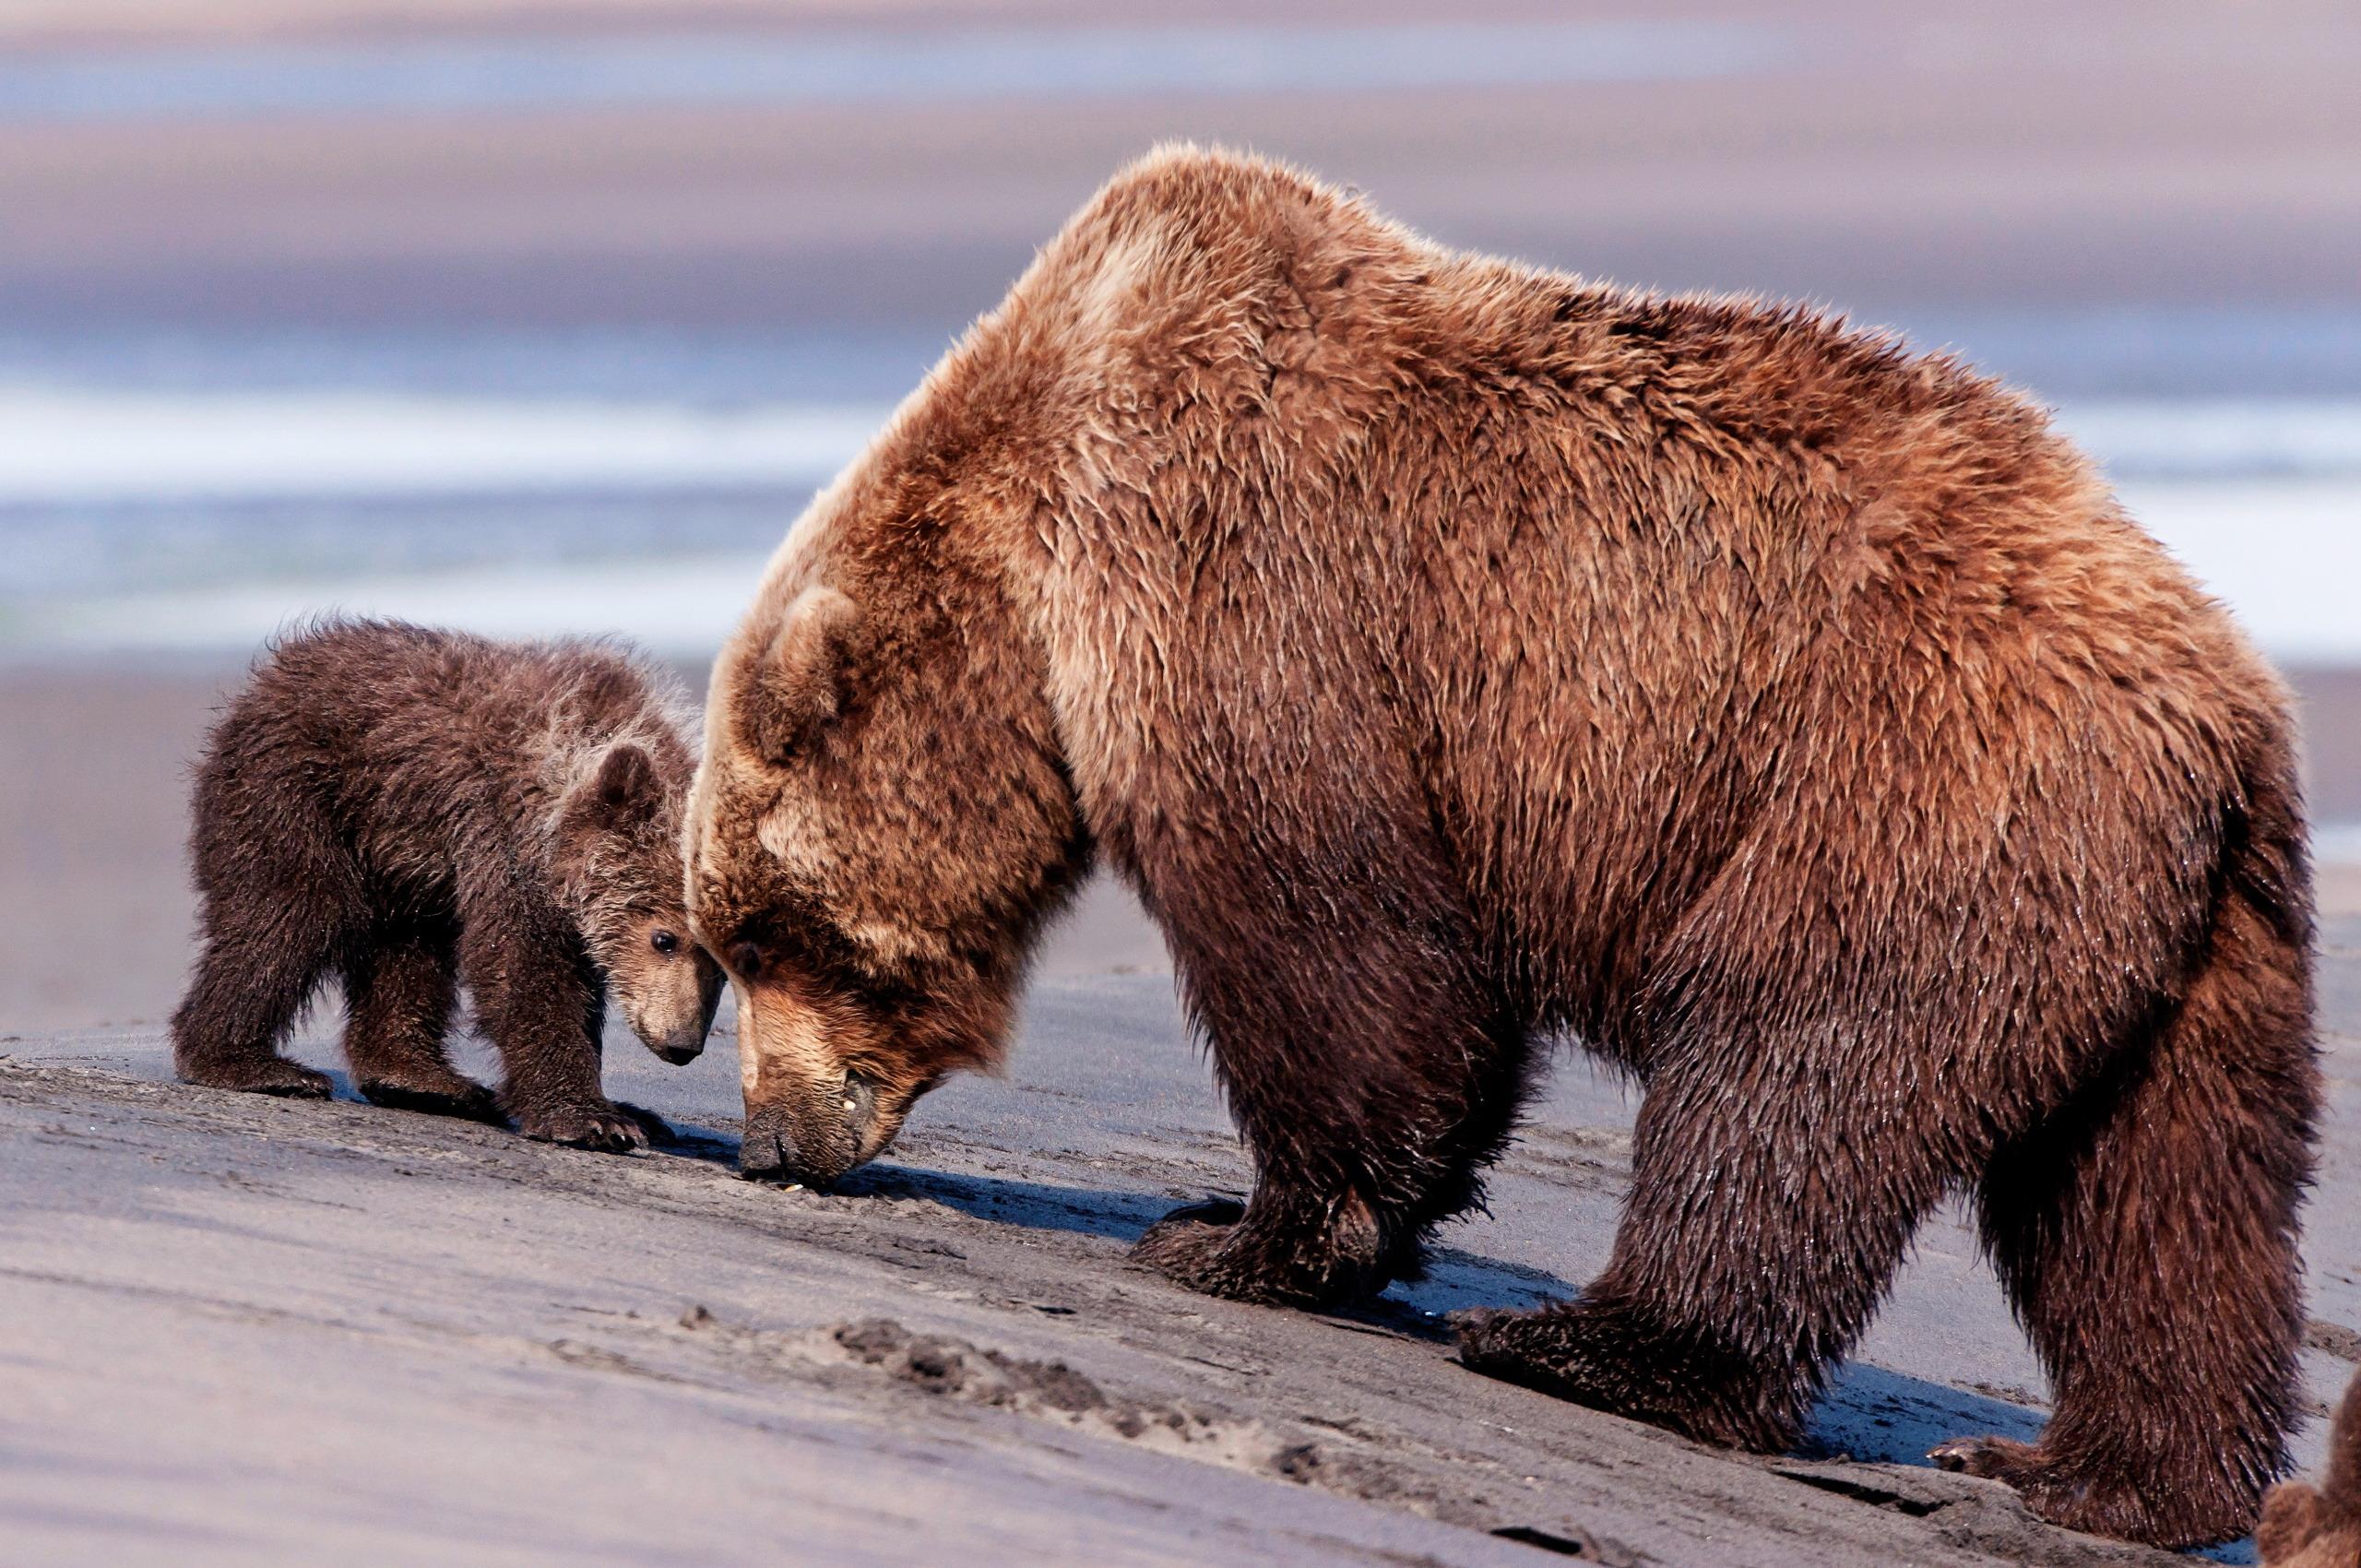 113835 Заставки и Обои Медведи на телефон. Скачать Животные, Медведи, Пара, Забота, Детеныш картинки бесплатно